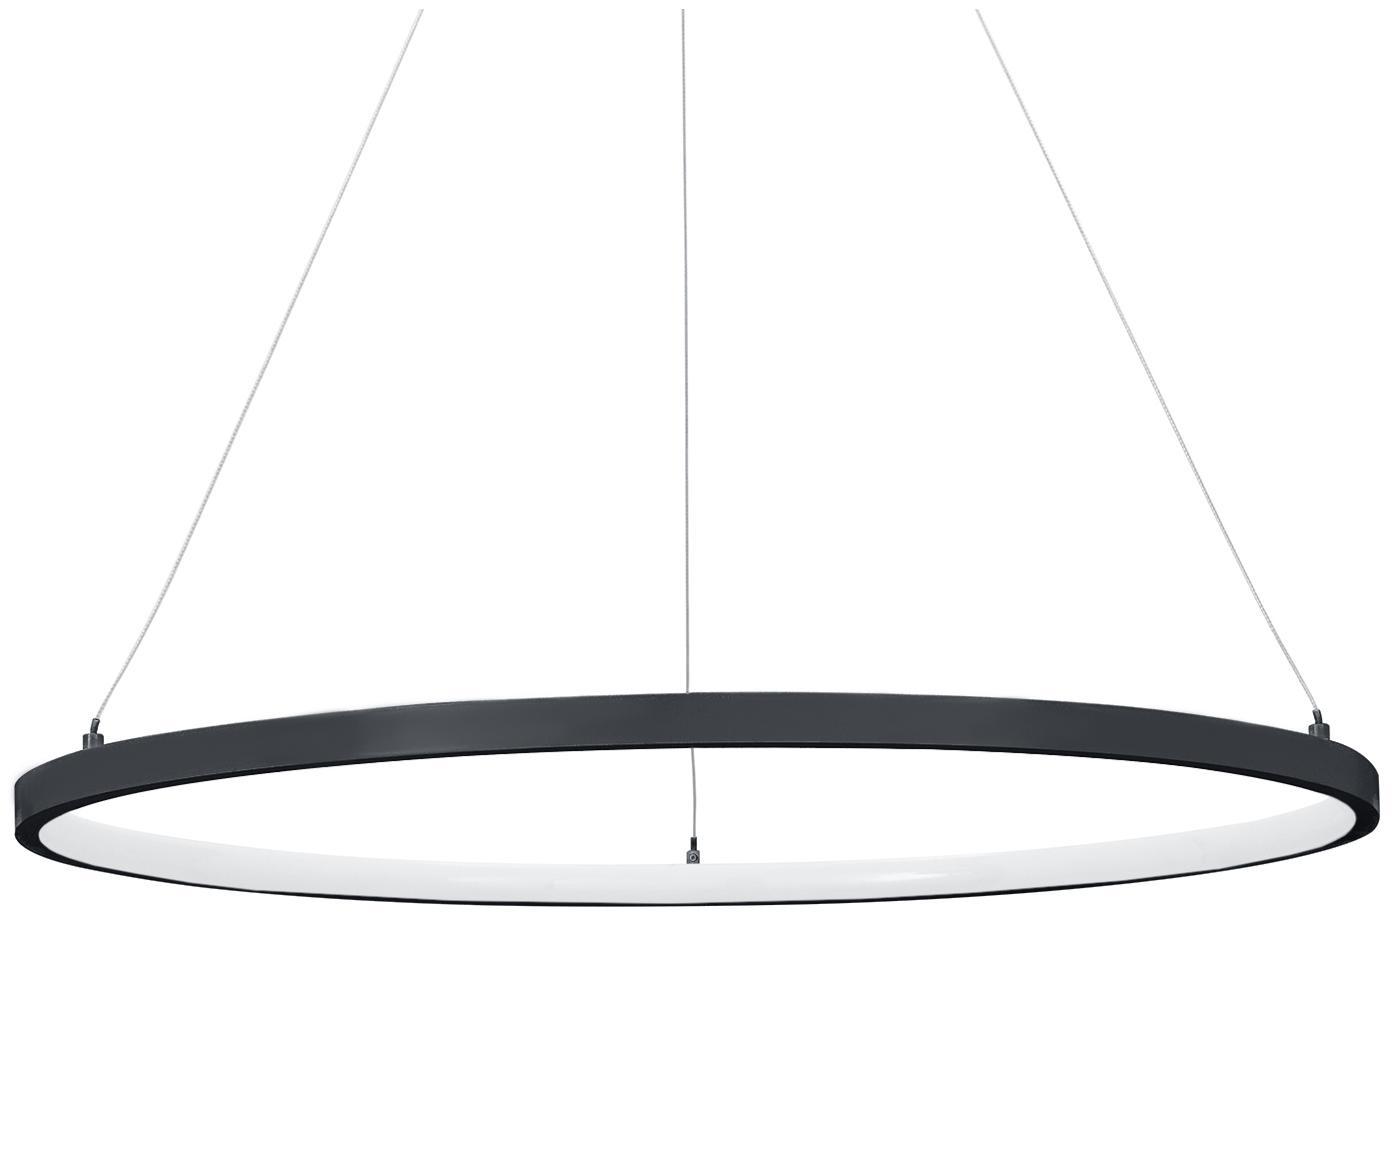 Lámpara de techo LED Jay, estilo moderno, Anclaje: aluminio con pintura en p, Pantalla: aluminio con pintura en p, Cable: Teflon, Negro mate, Ø 60 x Al 150 cm